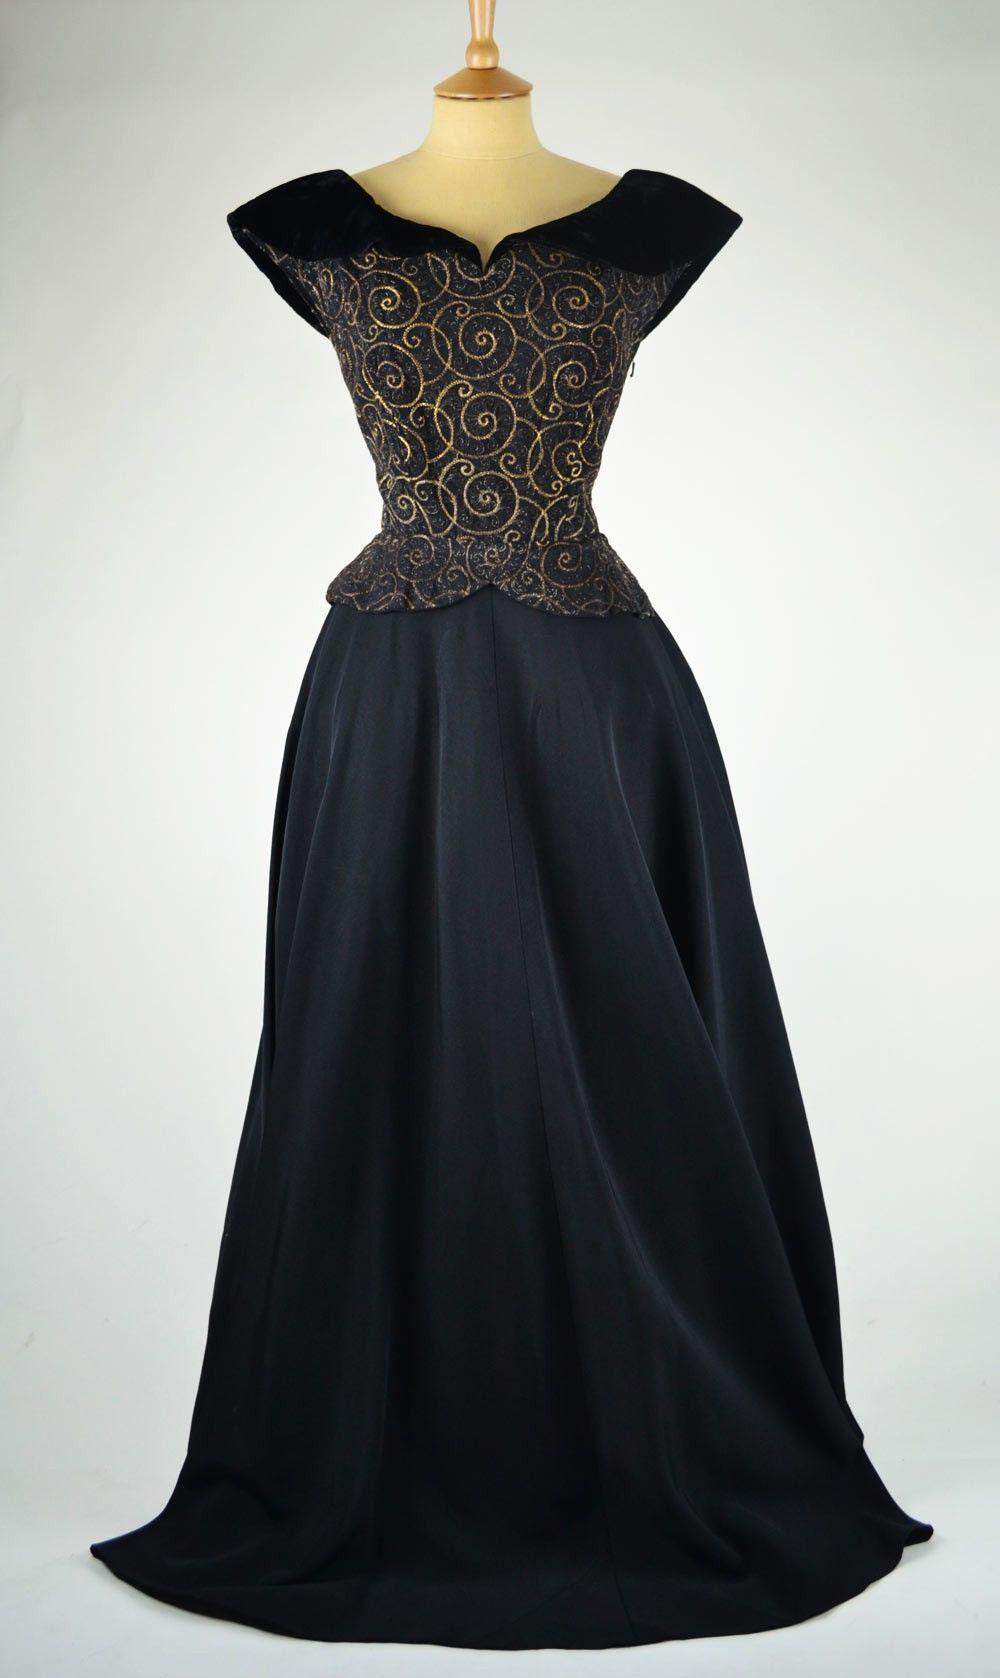 1940s Evening Dresses 1940s vintage evening dress | Vintage dresses ...